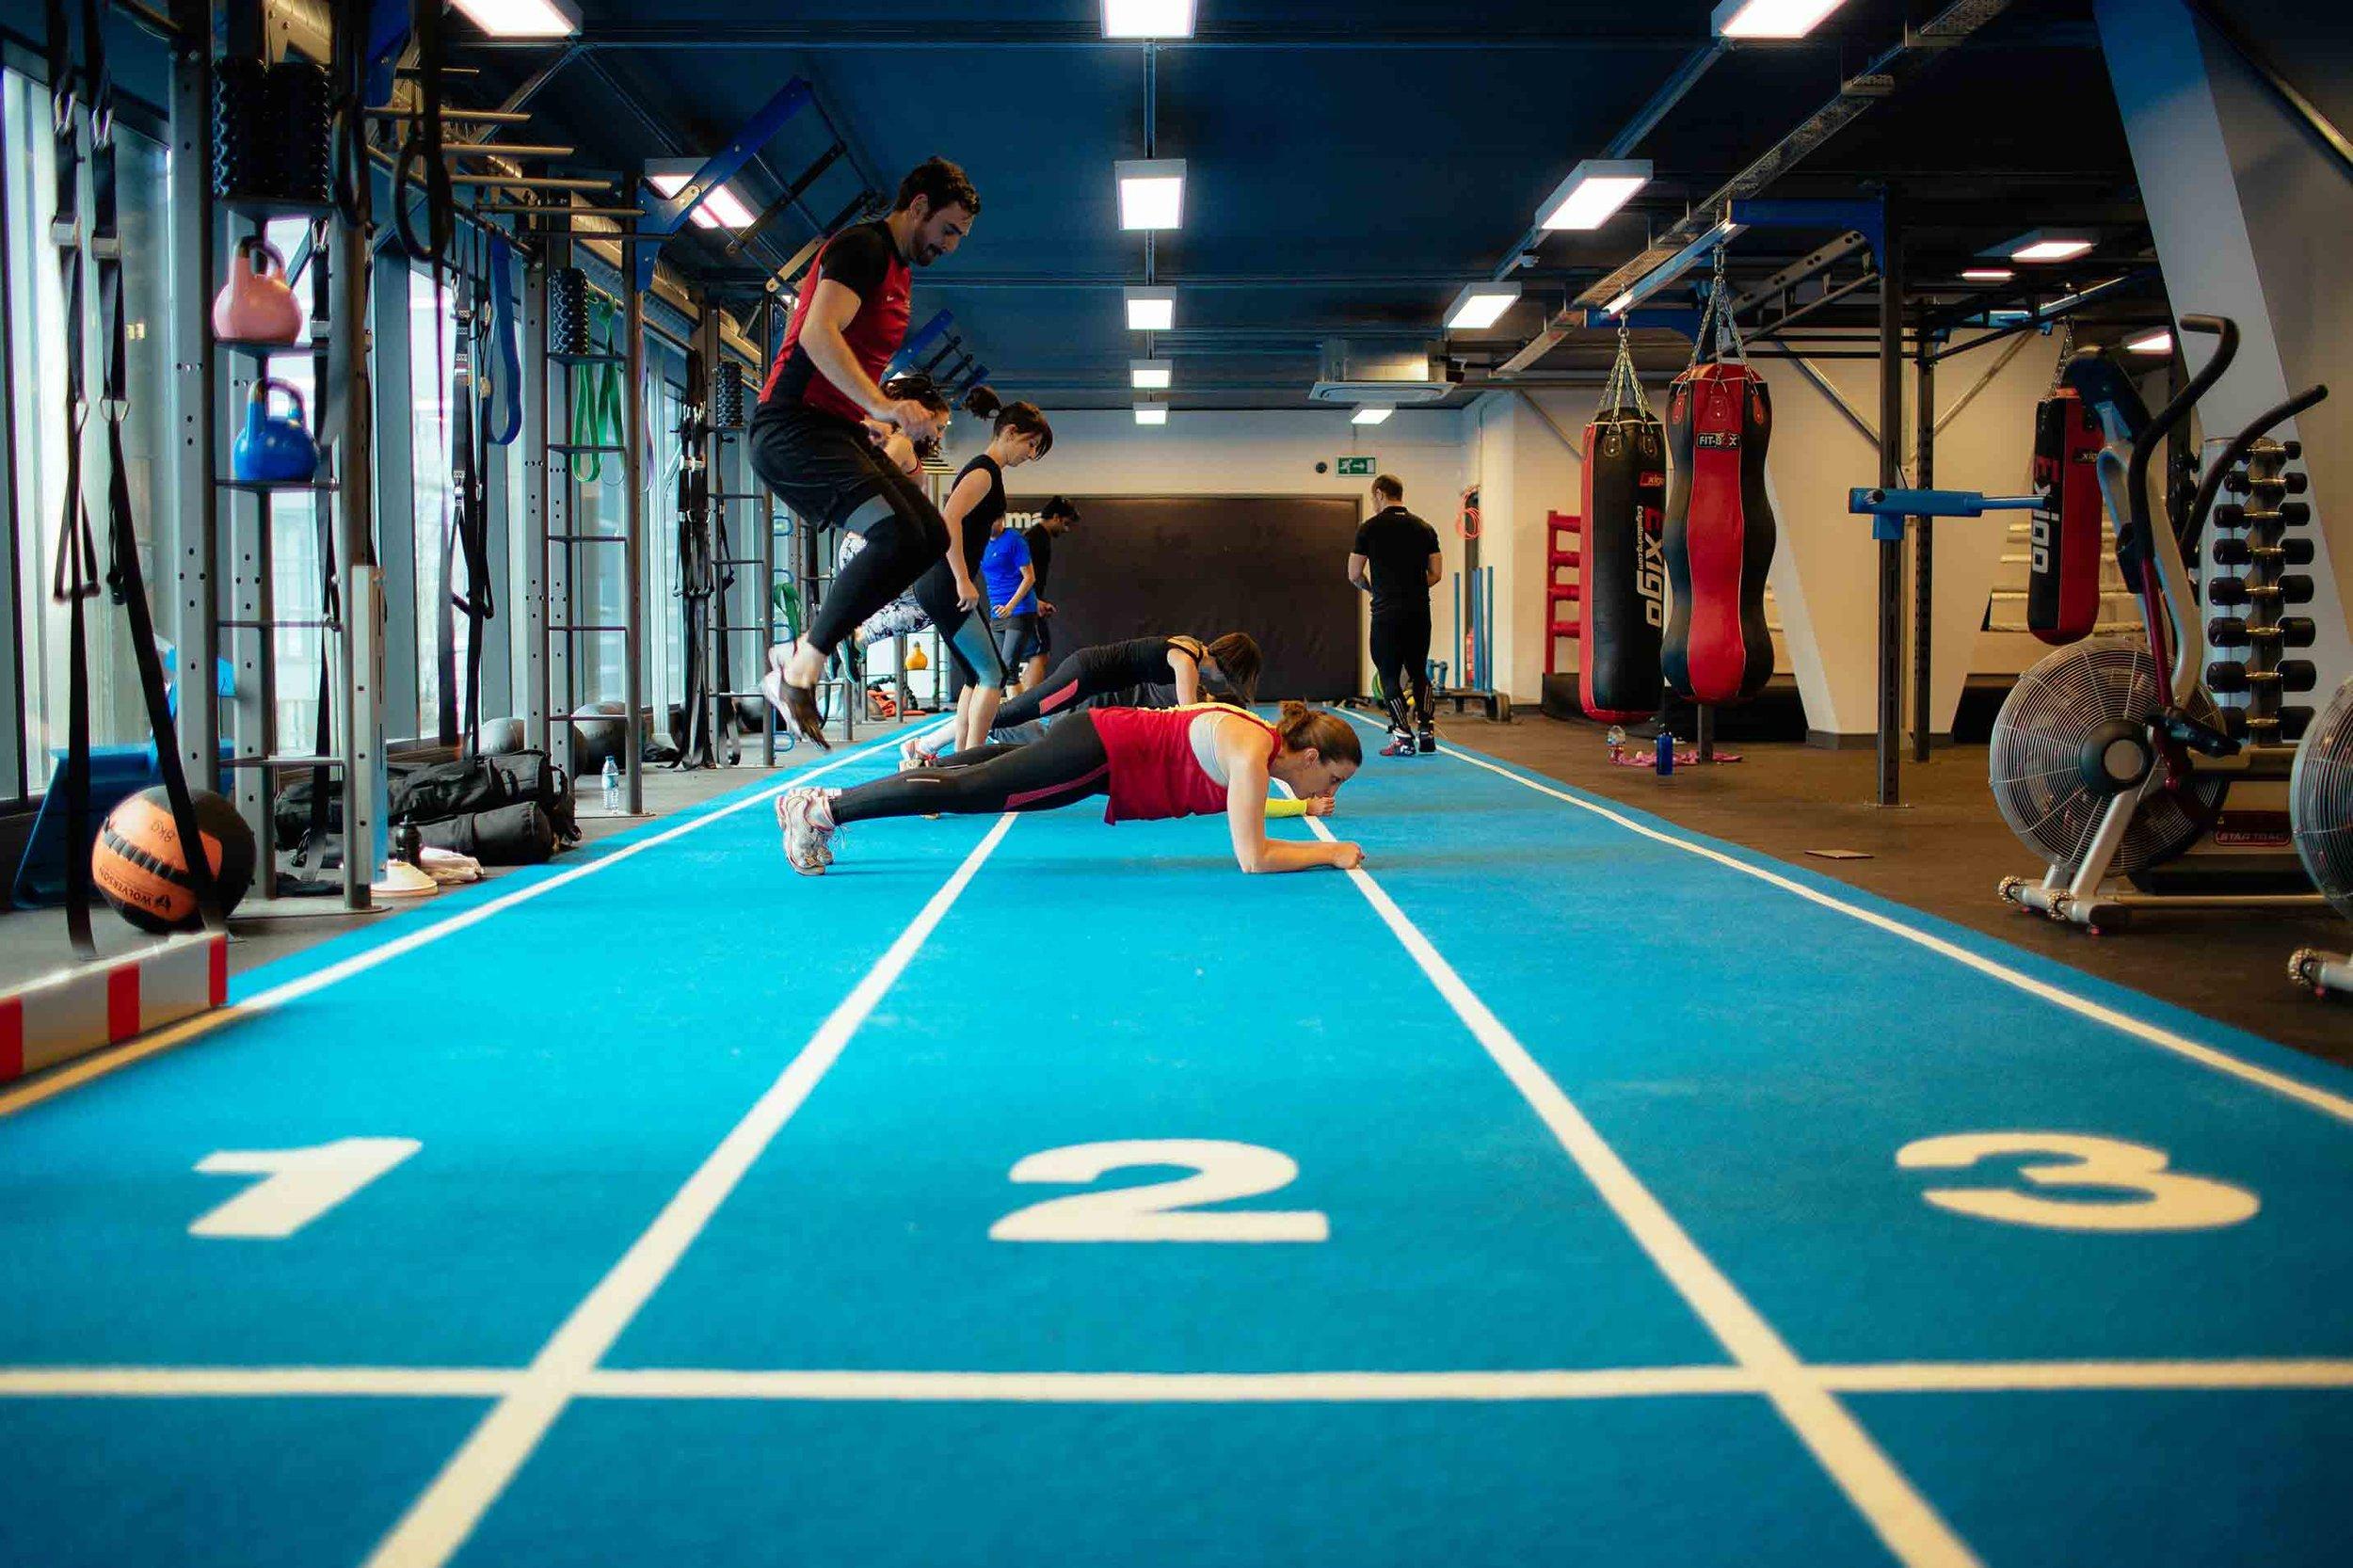 Primal-Gym-Leeds-3.jpg